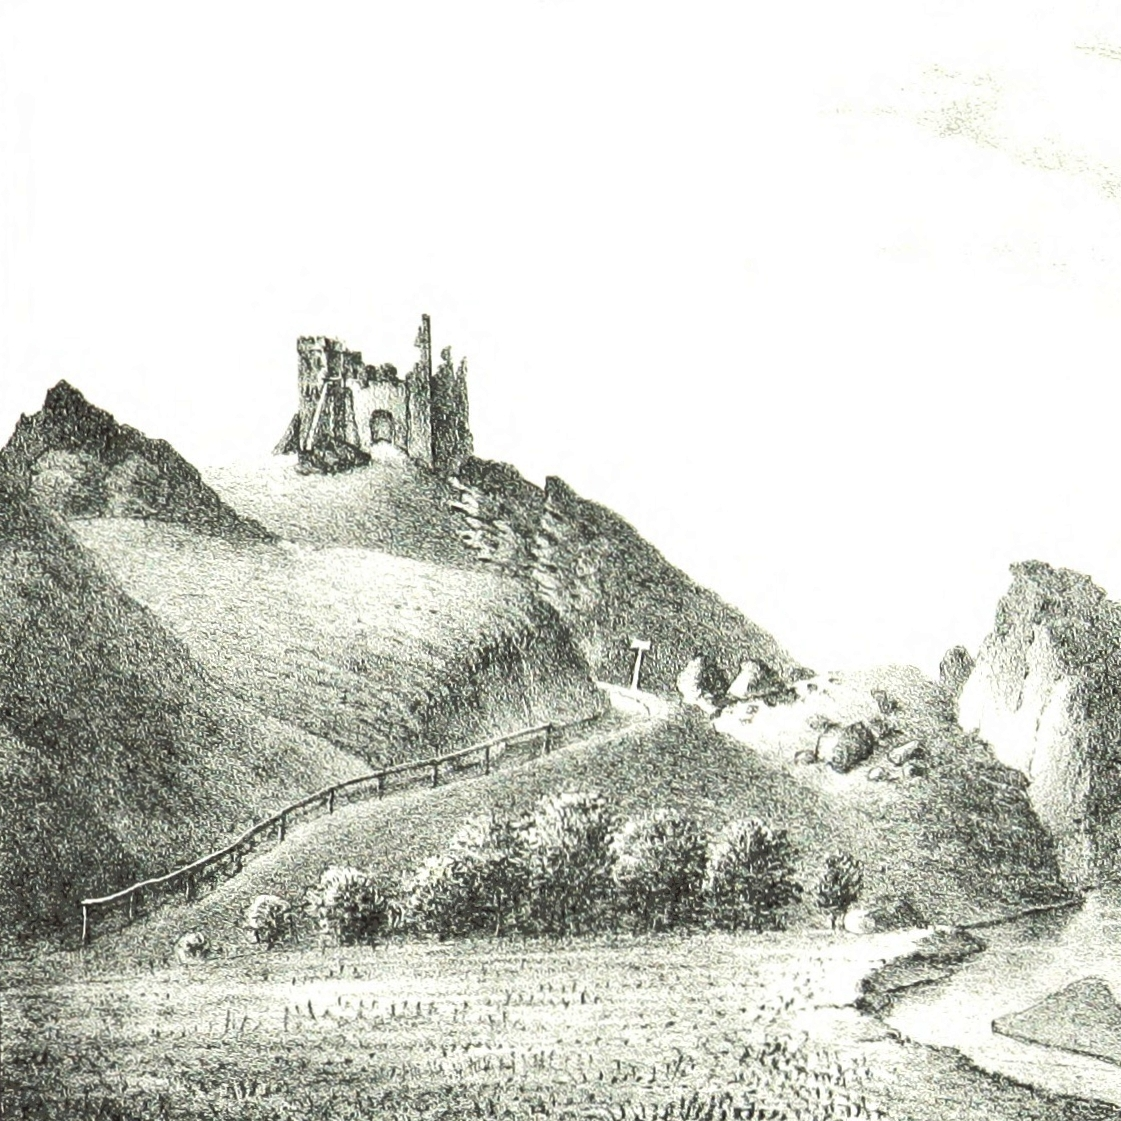 Ruiny zamku w Czorsztynie na rysunku Kajetana Jabłońskiego z 1847 roku.